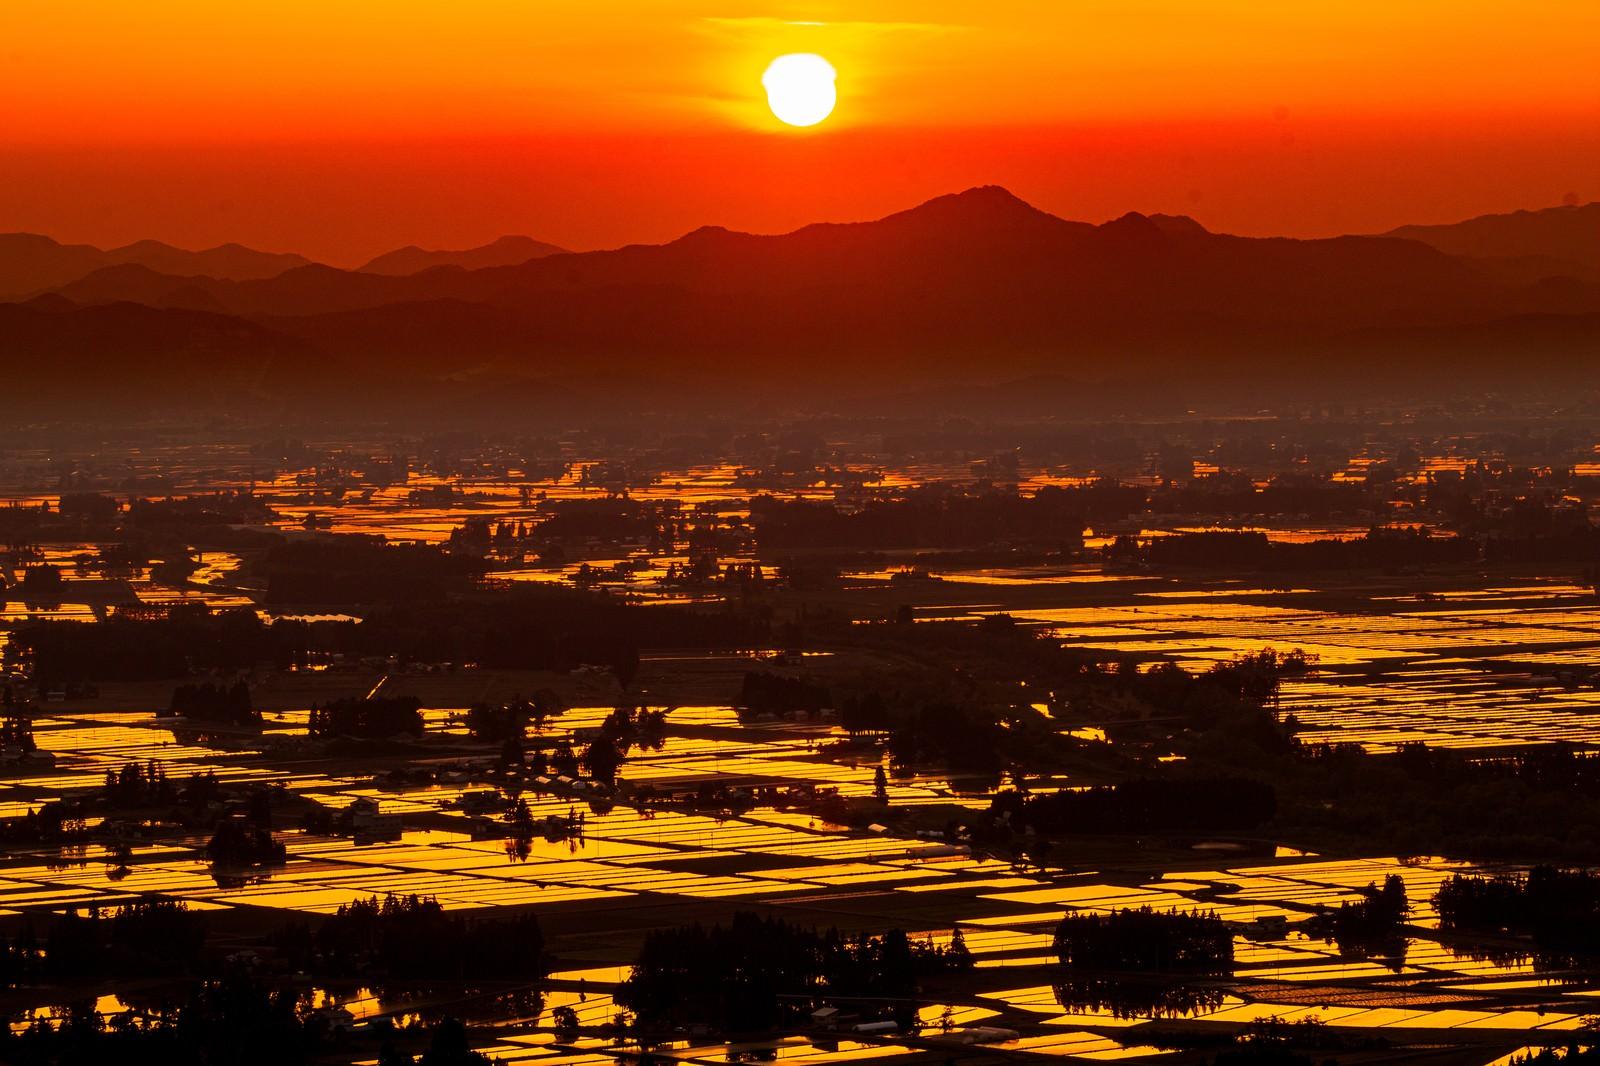 「夕日に染まるの田園風景」の写真